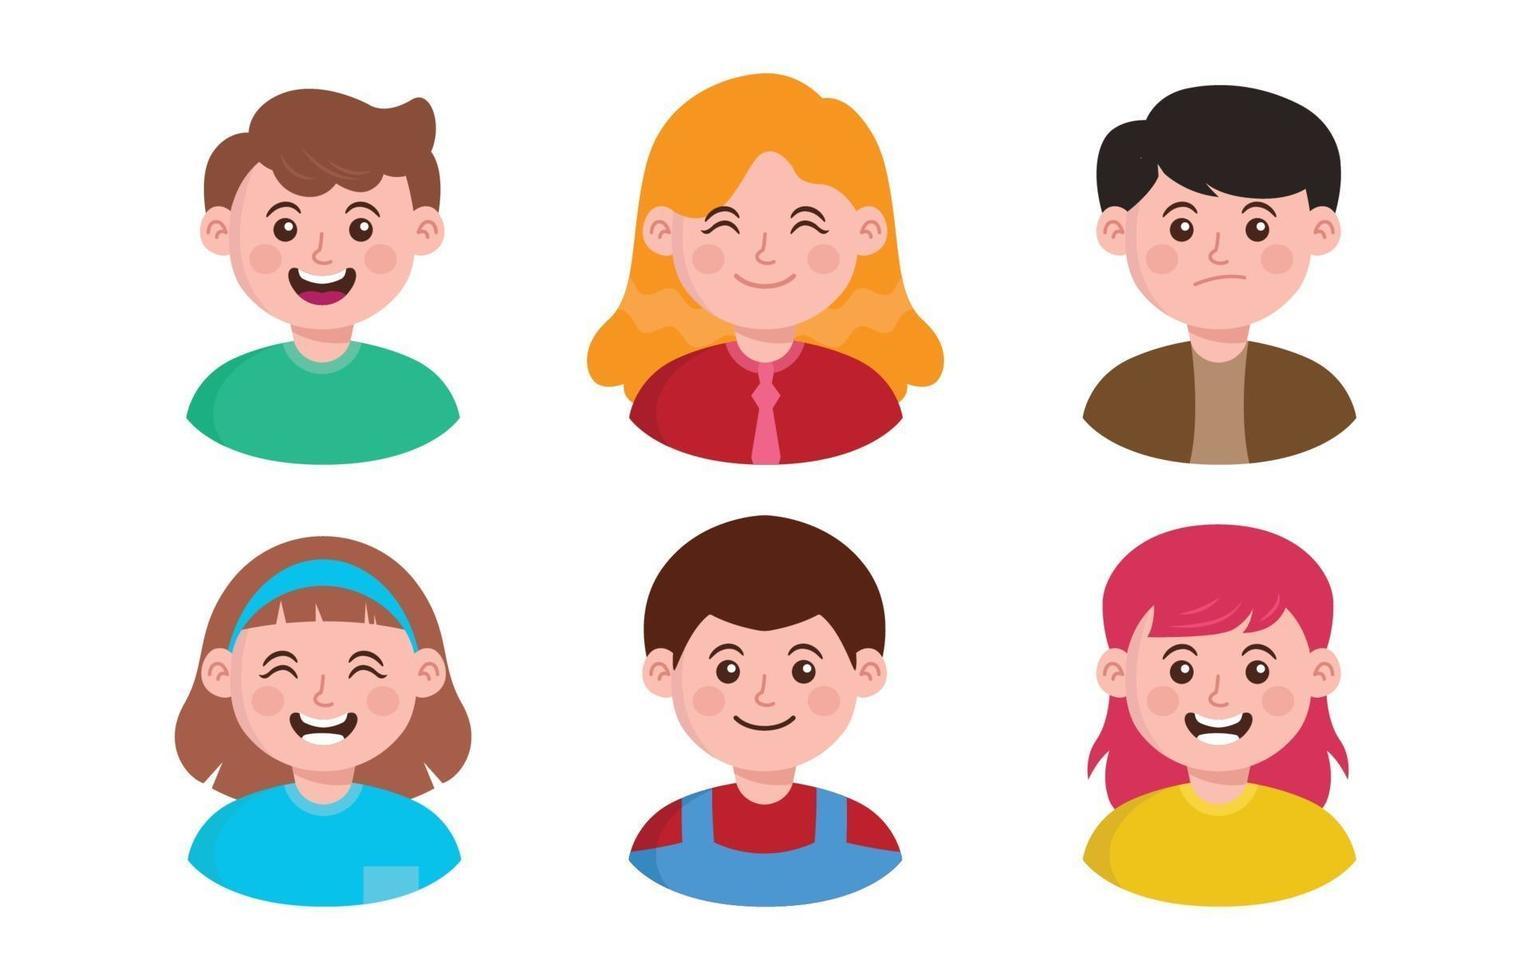 icône d & # 39; avatar enfants plats vecteur